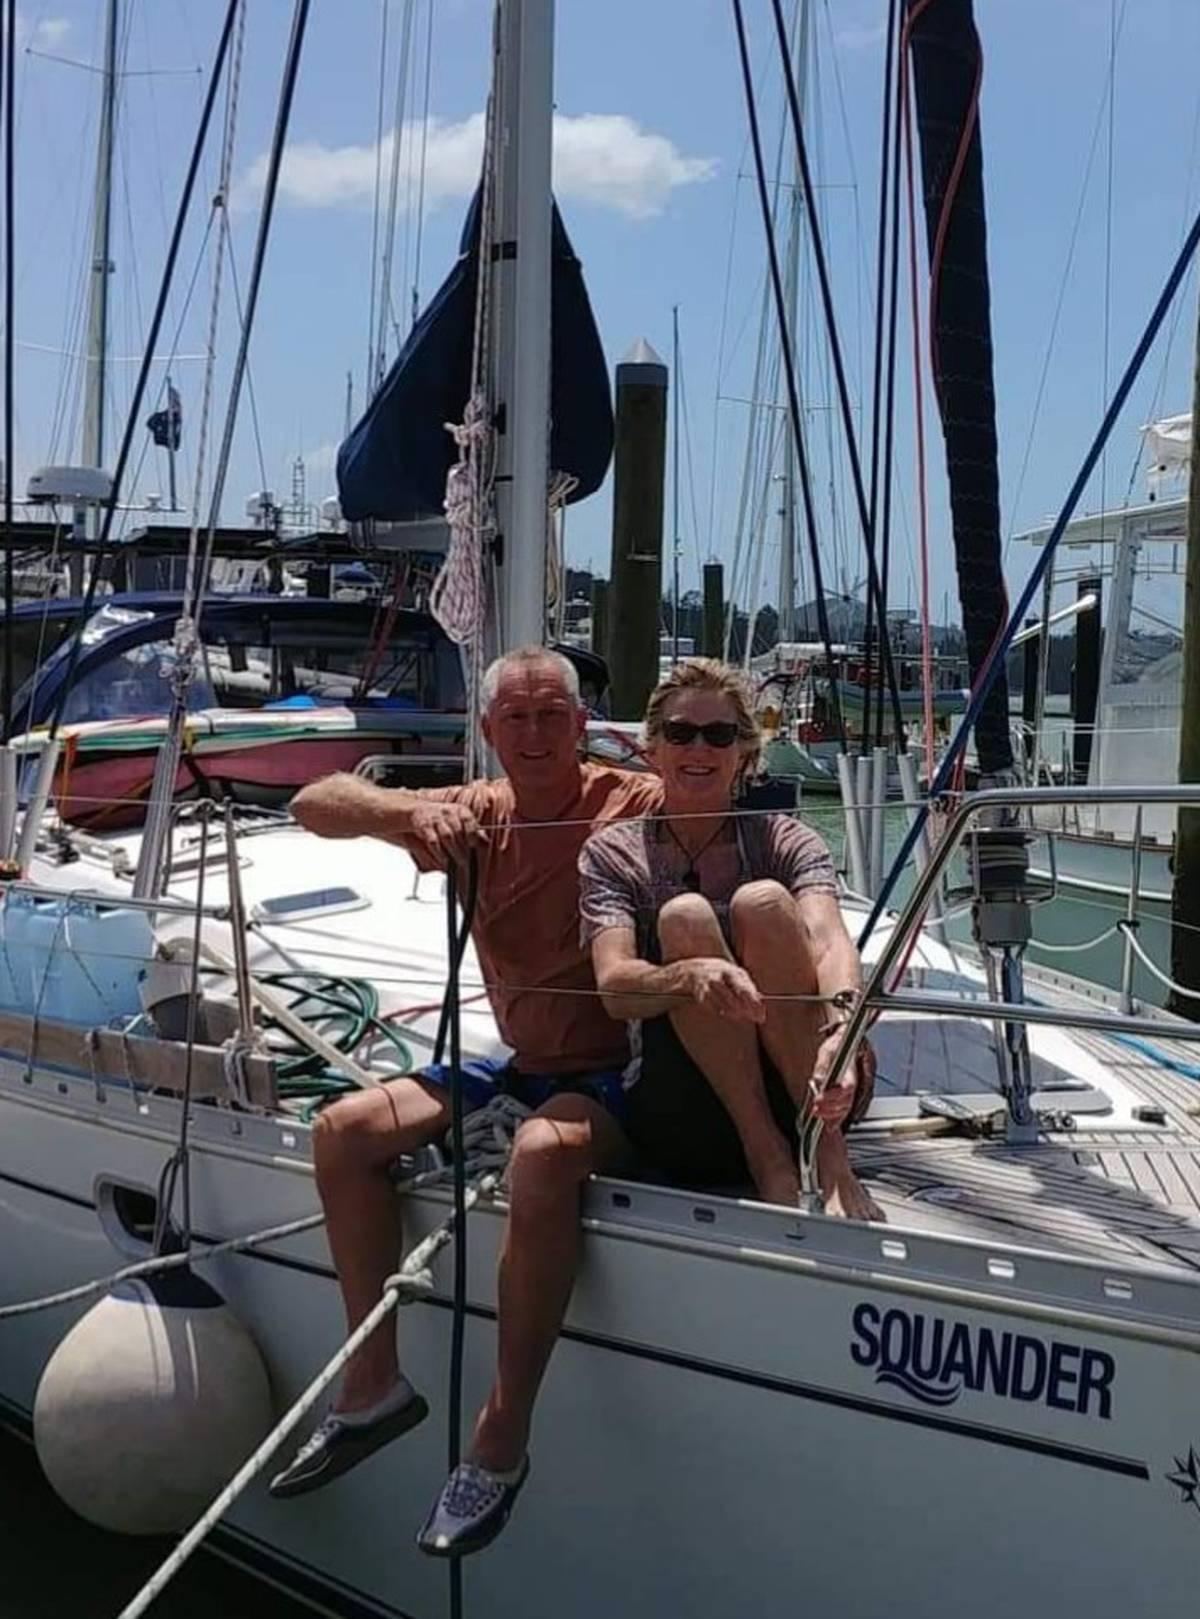 Terror at sea: Yachtie describes harrowing three-day Pacific Ocean ordeal